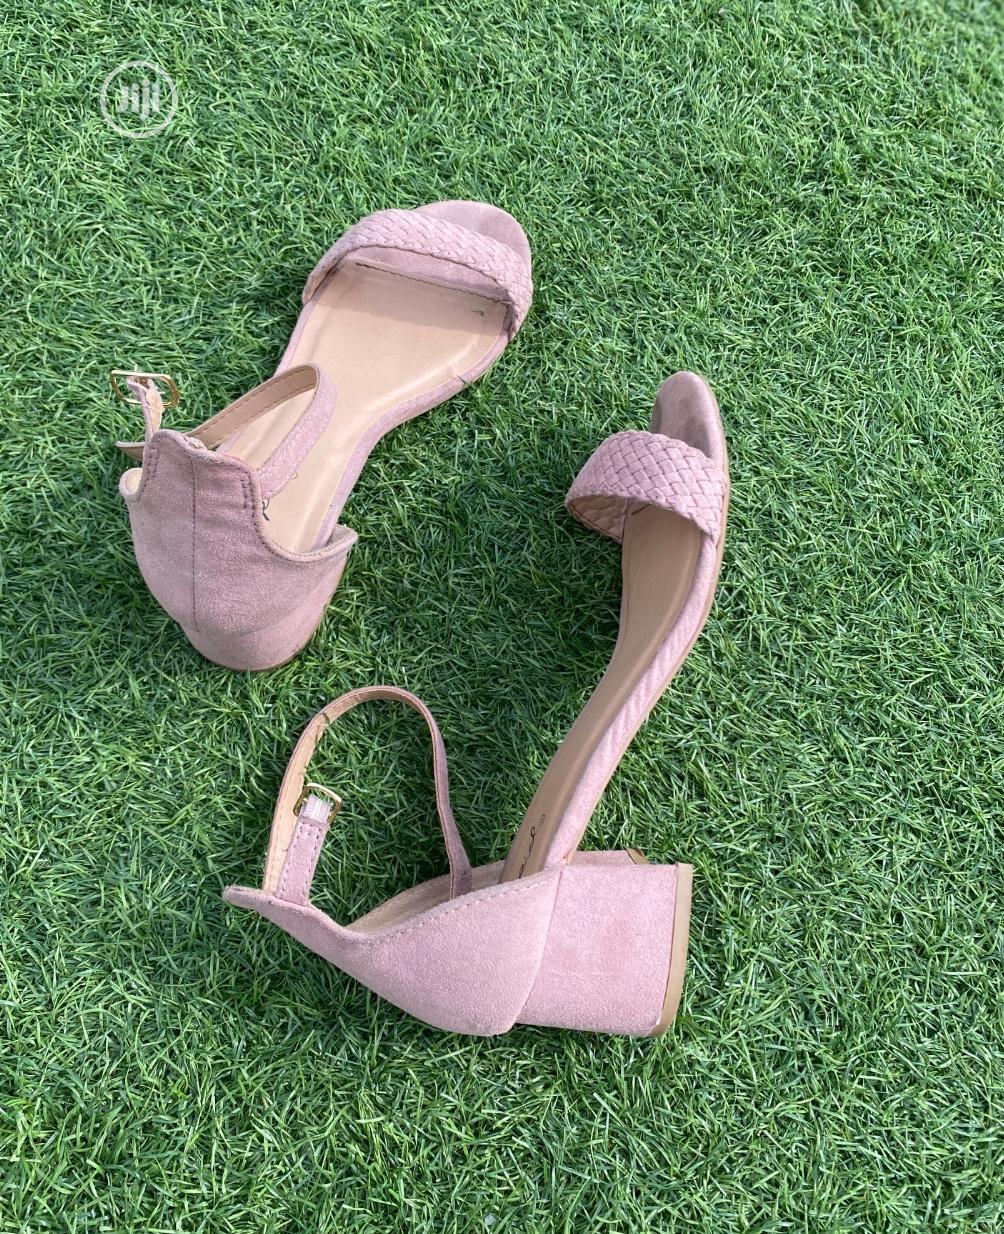 Fashion Ladies Desert Rose Female Low Heel Sandal Pink